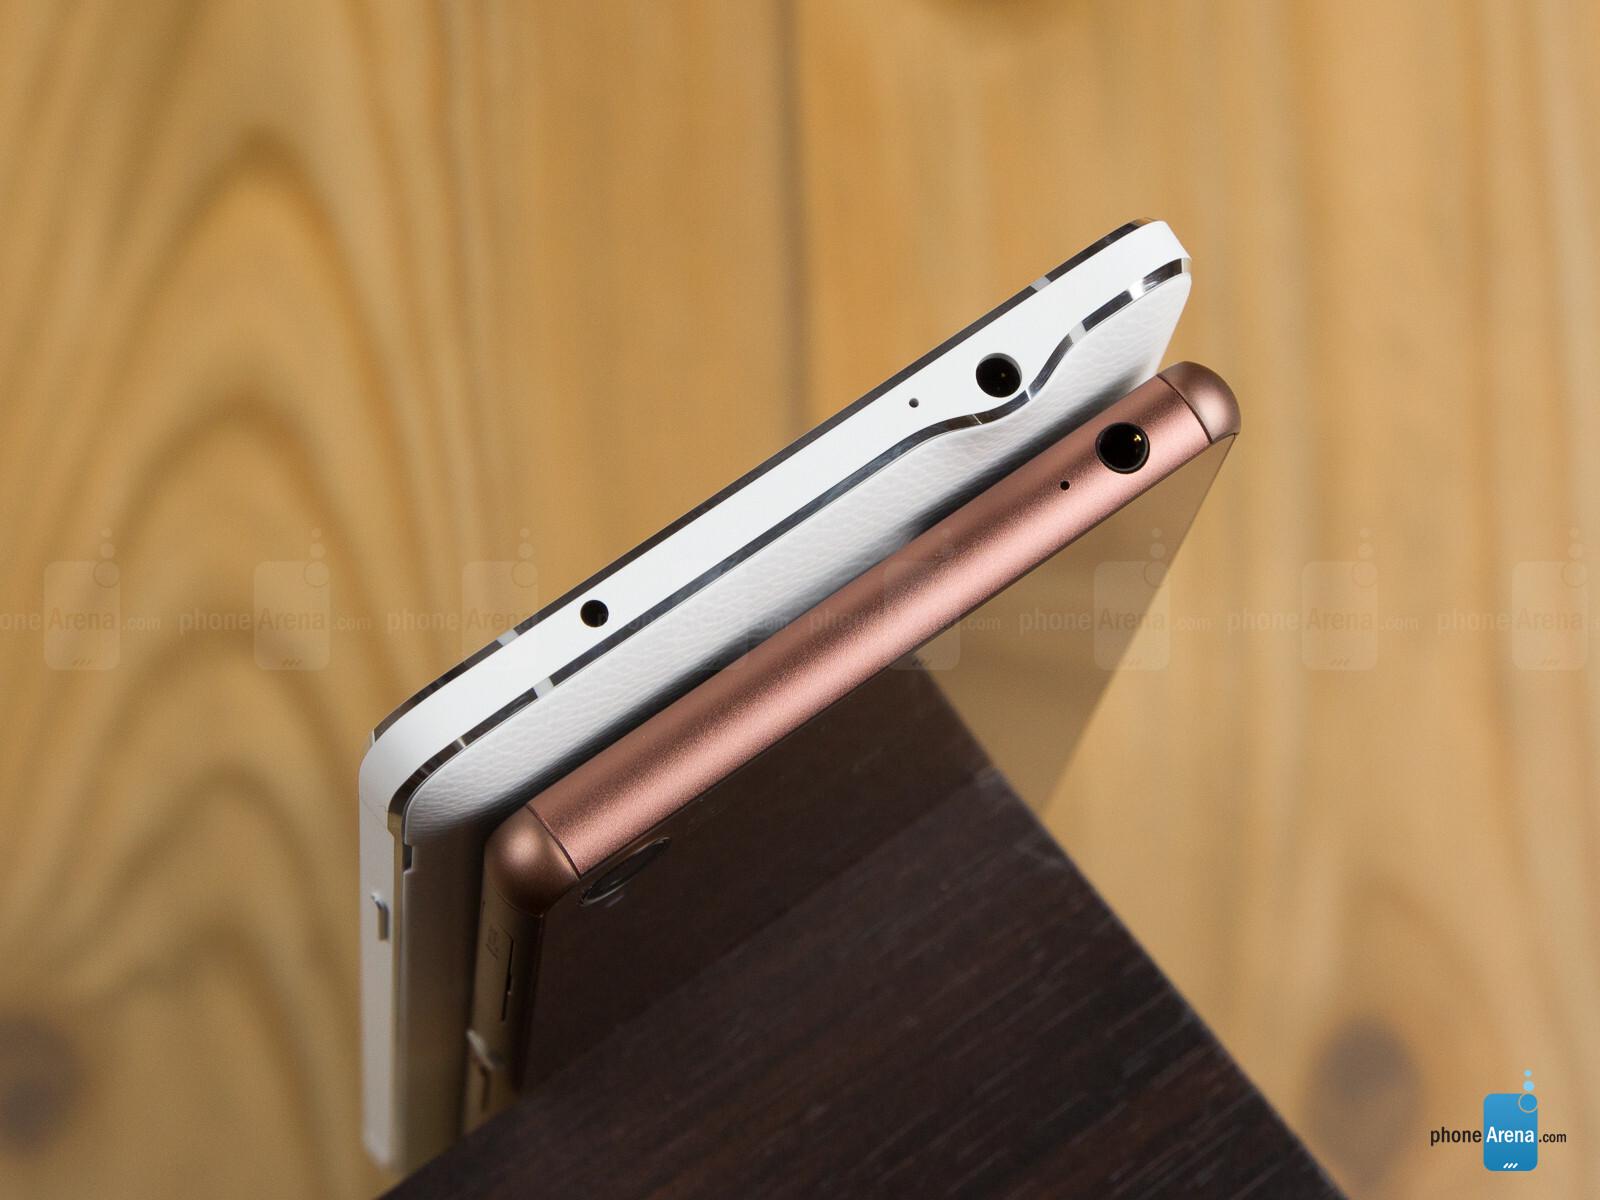 L'iPhone è ancora il più veloce? E la risoluzione del display? - Smartphone - reliancetex.com Forum